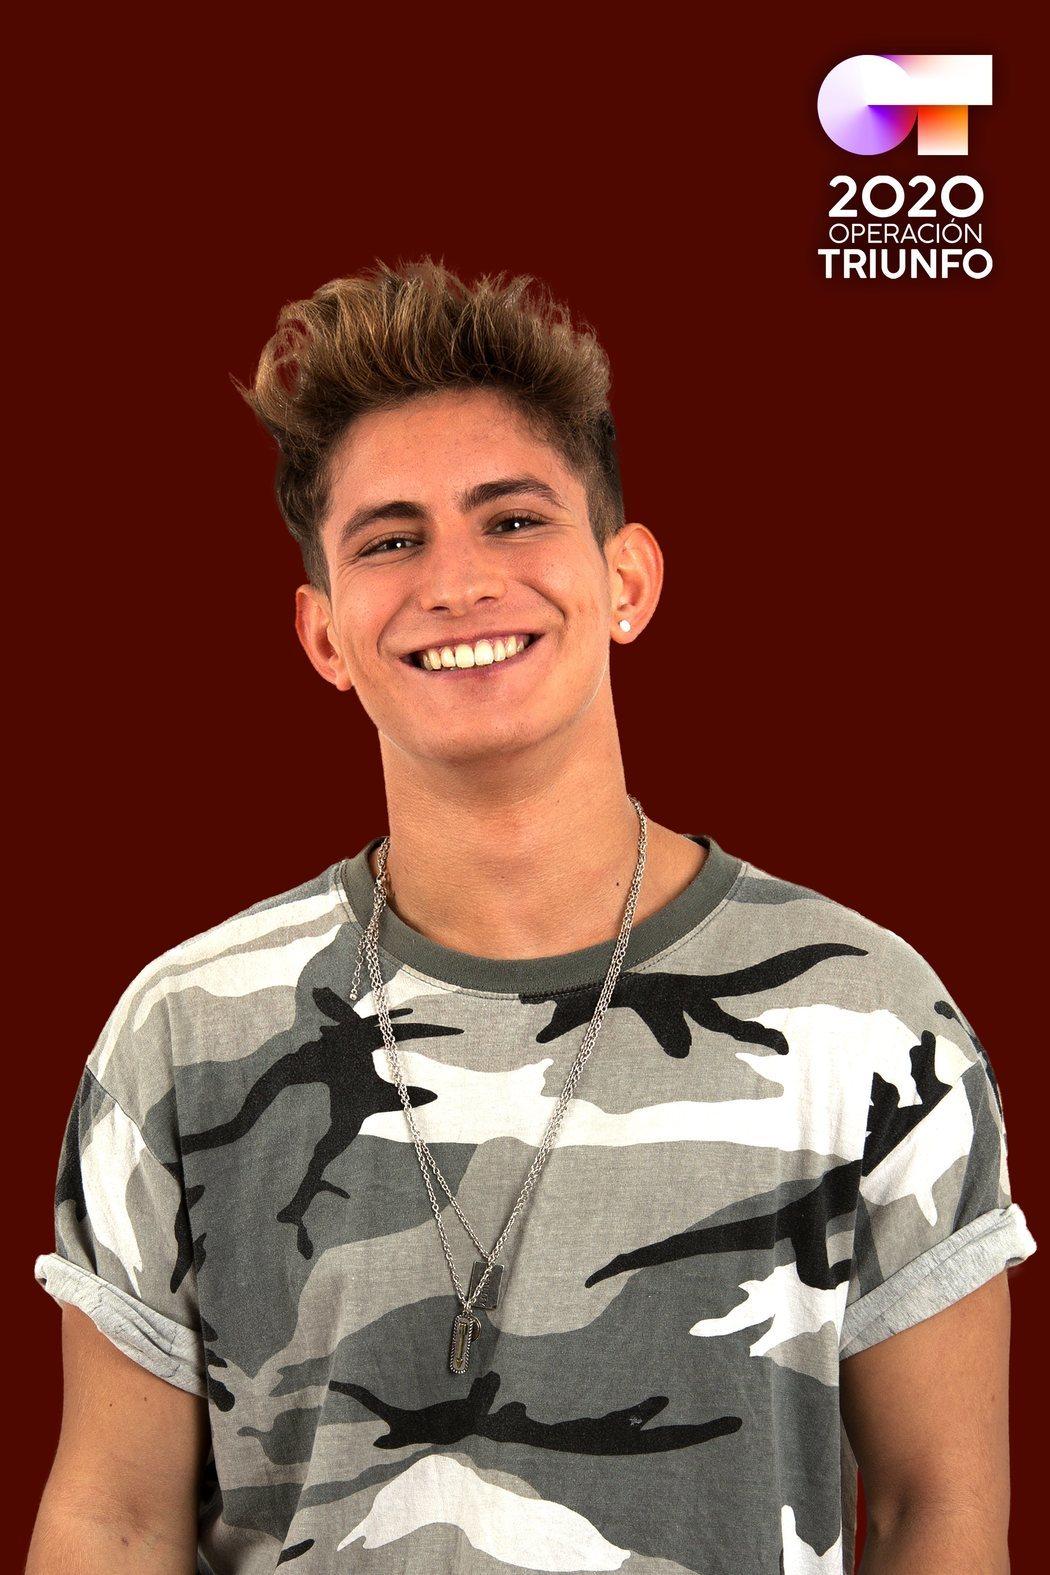 Nick Martínez, concursante de 'OT 2020'